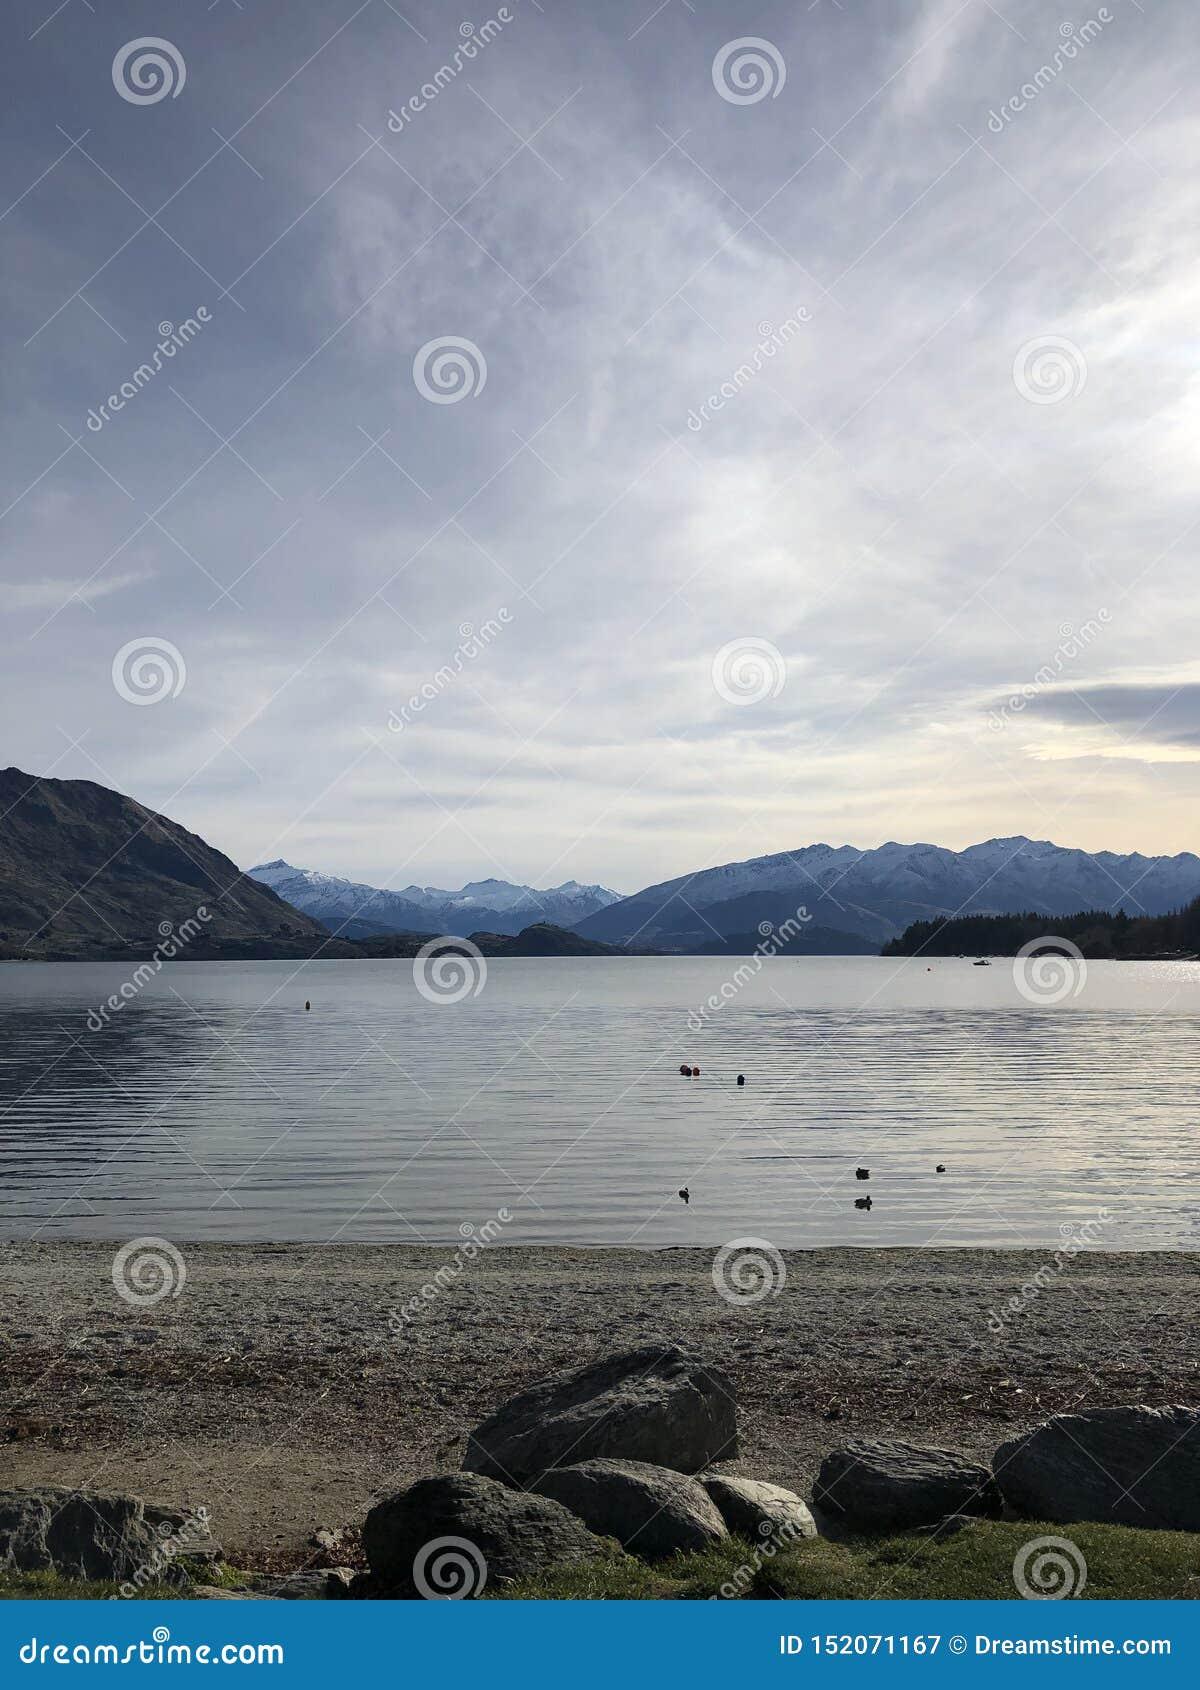 平静的瓦纳卡湖